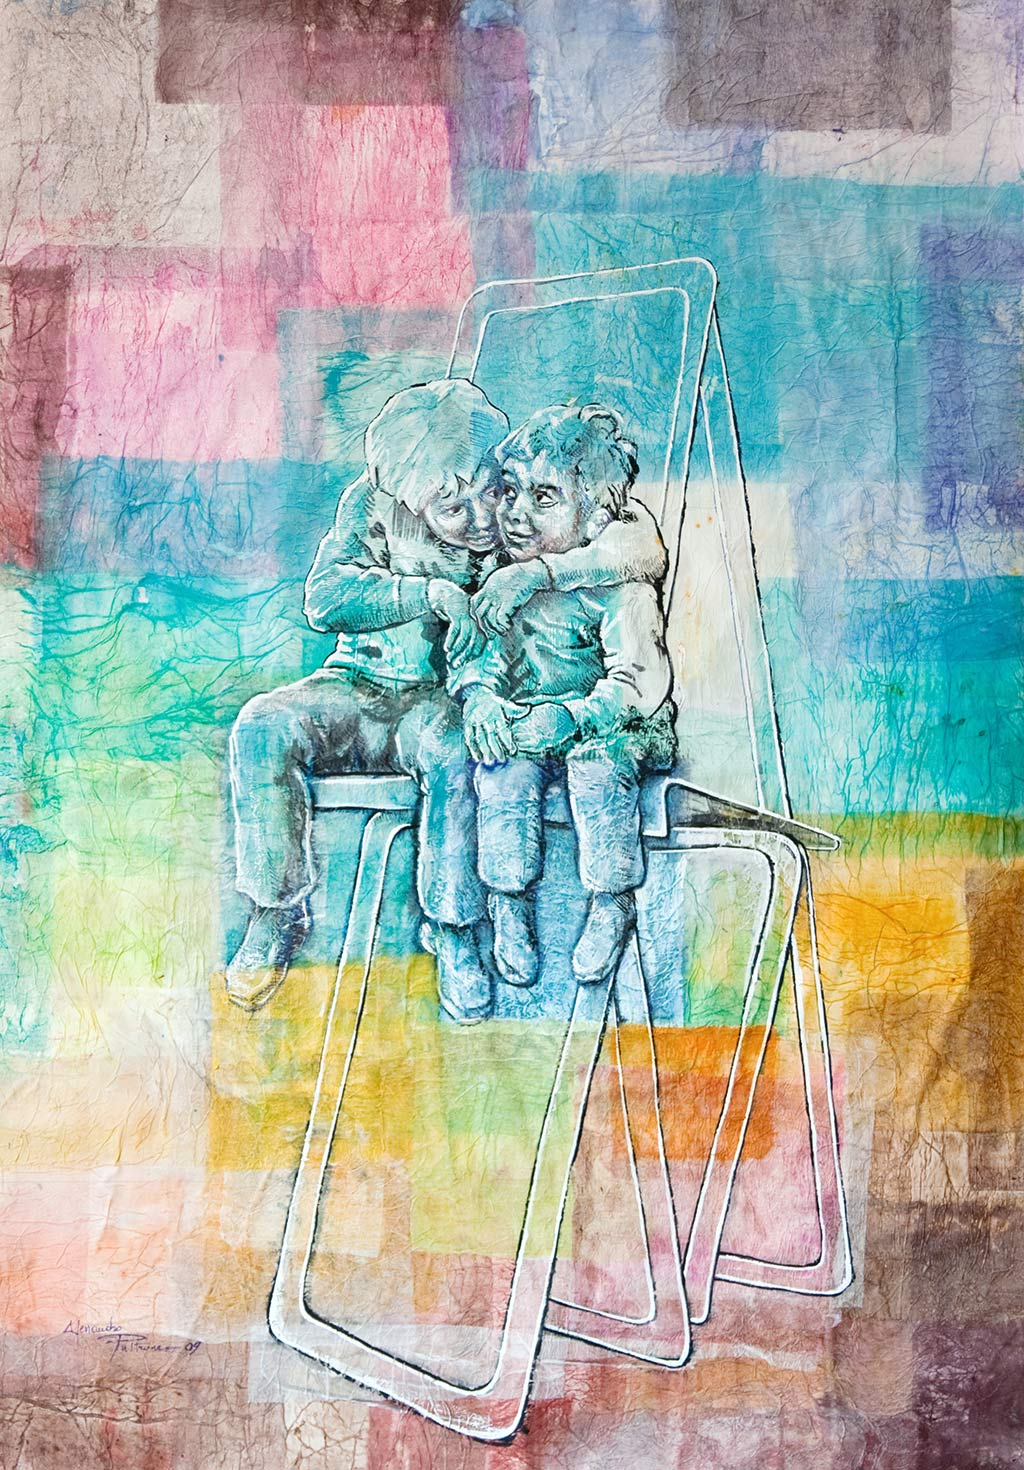 5-FRATELLI-di-A.-Pultrone-2009-tecnica-mista-su-carta-lavorata-70-x100